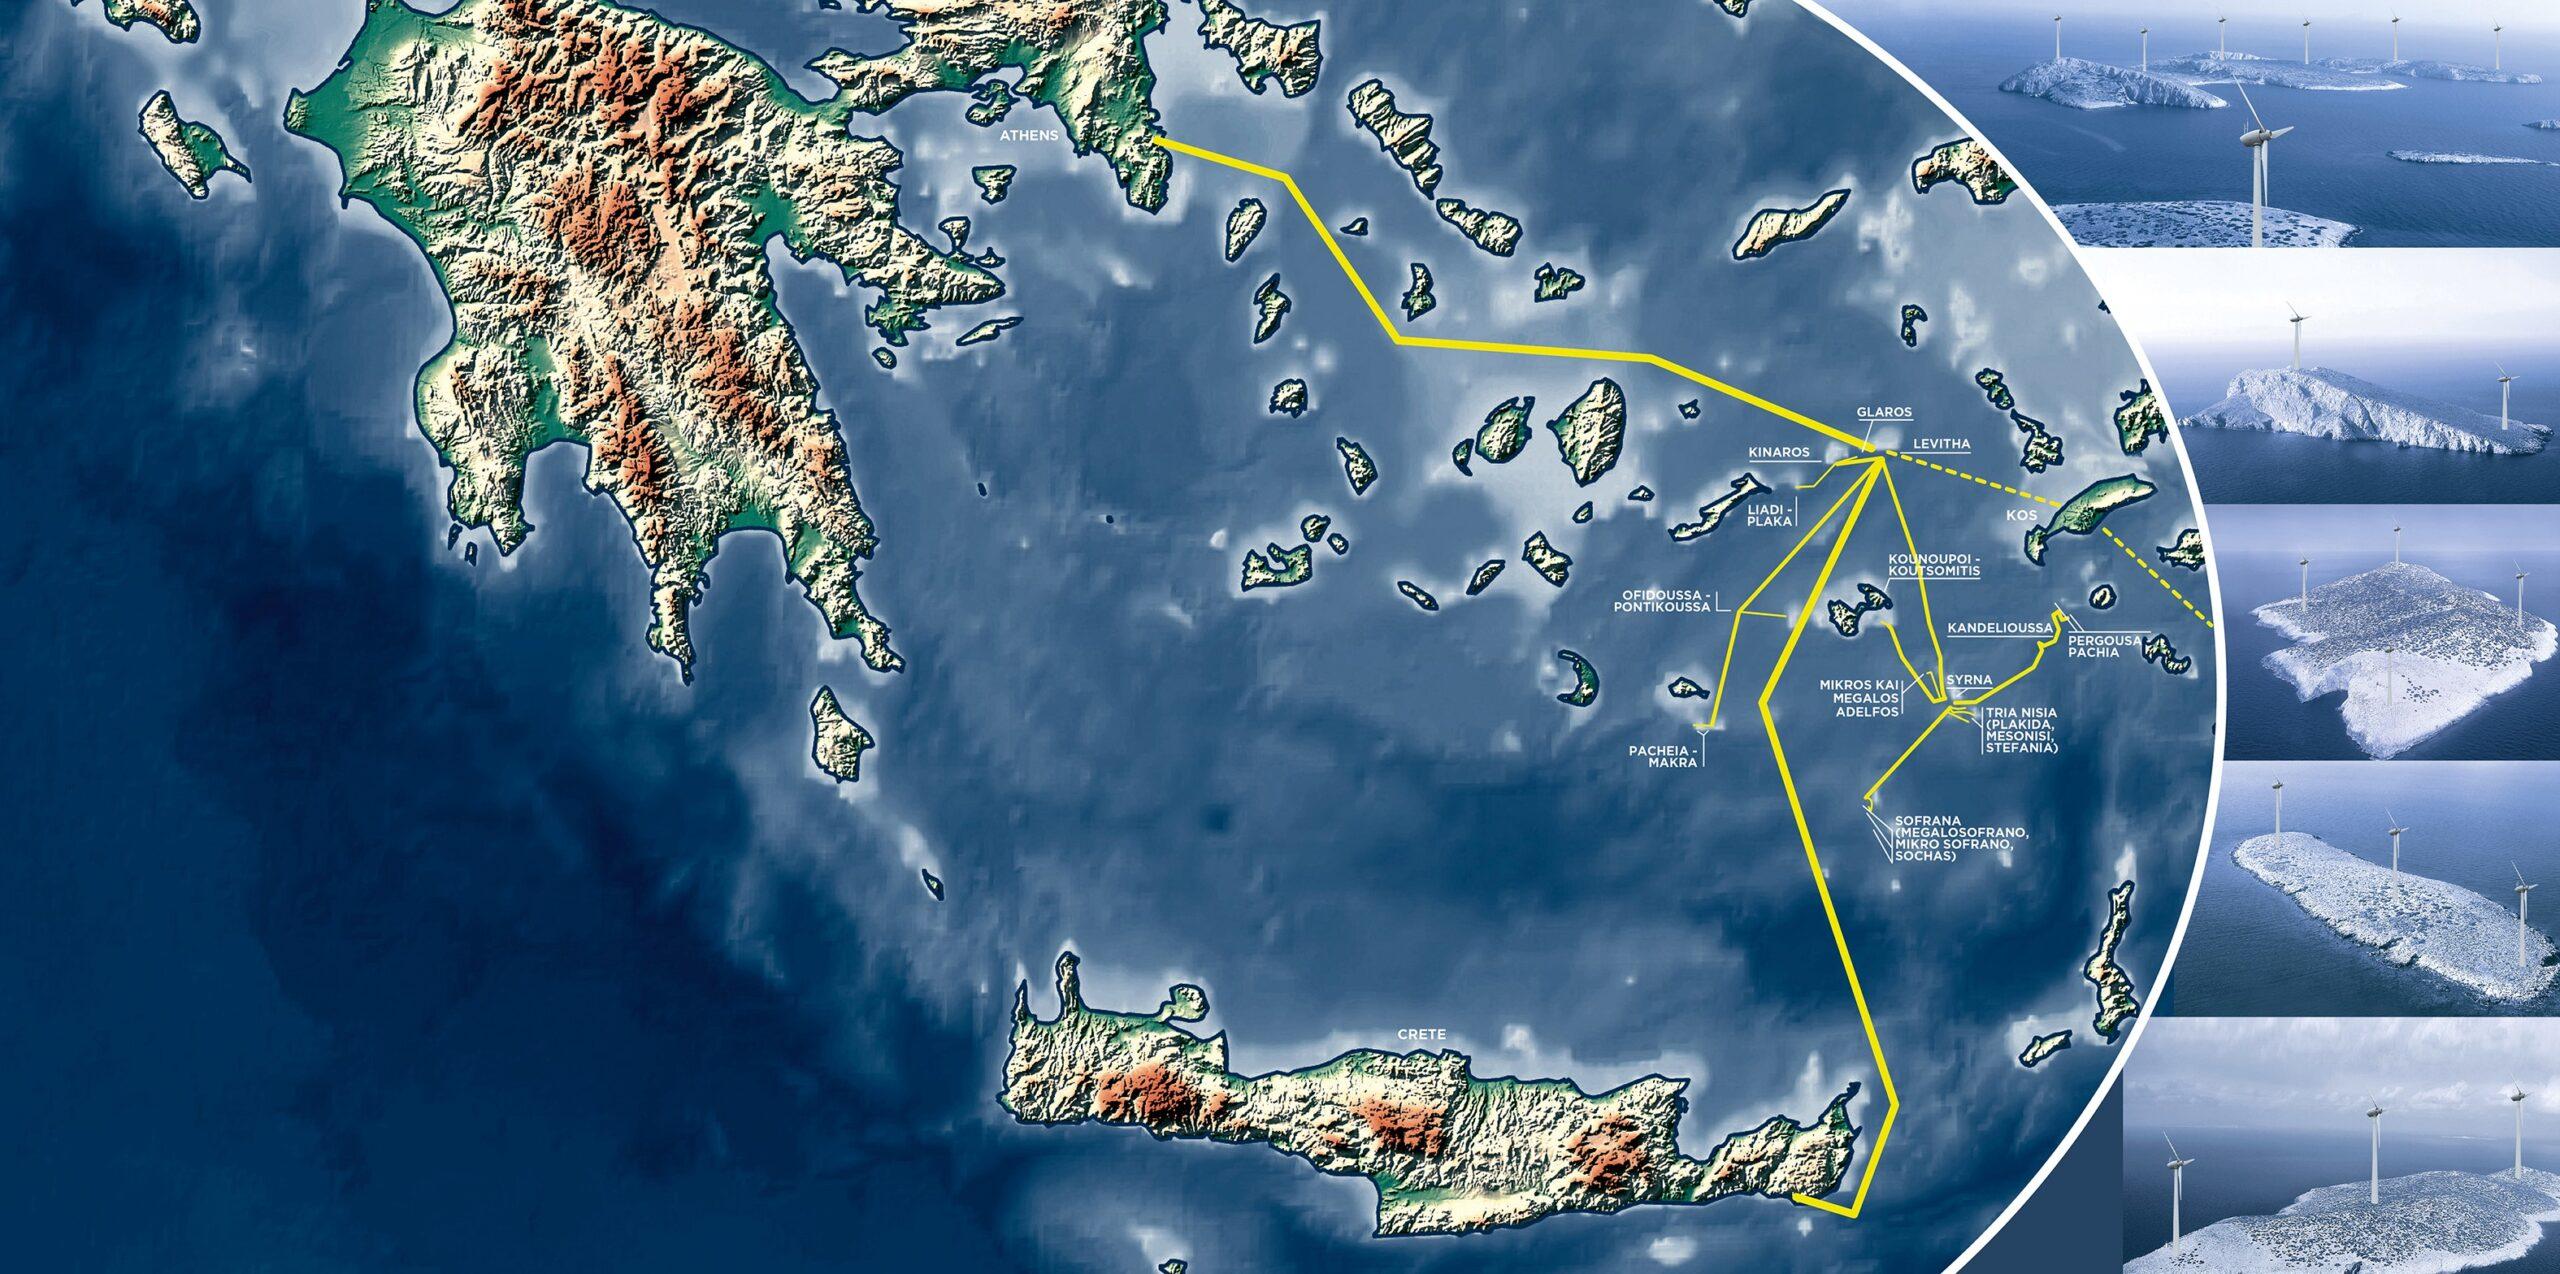 Η διάσωση των ελληνικών Γκαλαπάγκος